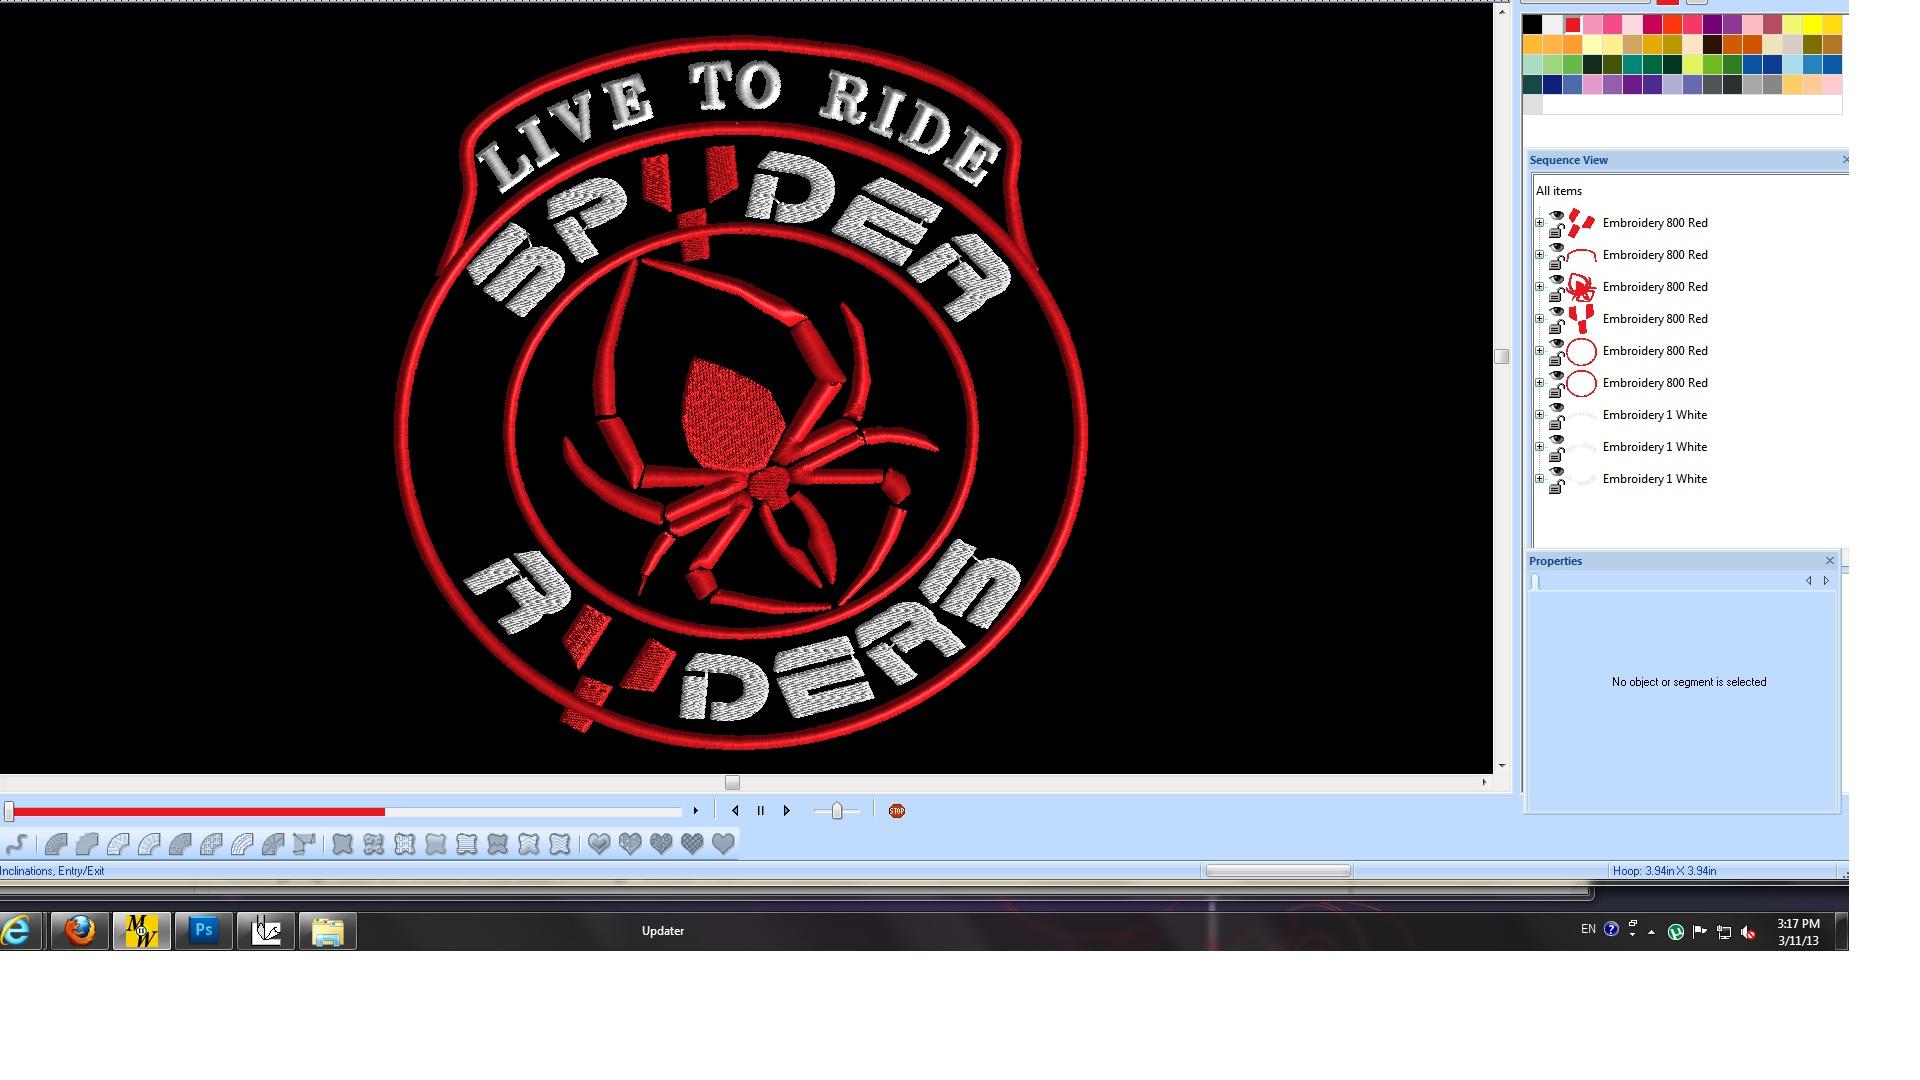 SPYDER RIDER CREST 10IN LIVE TO RIDE